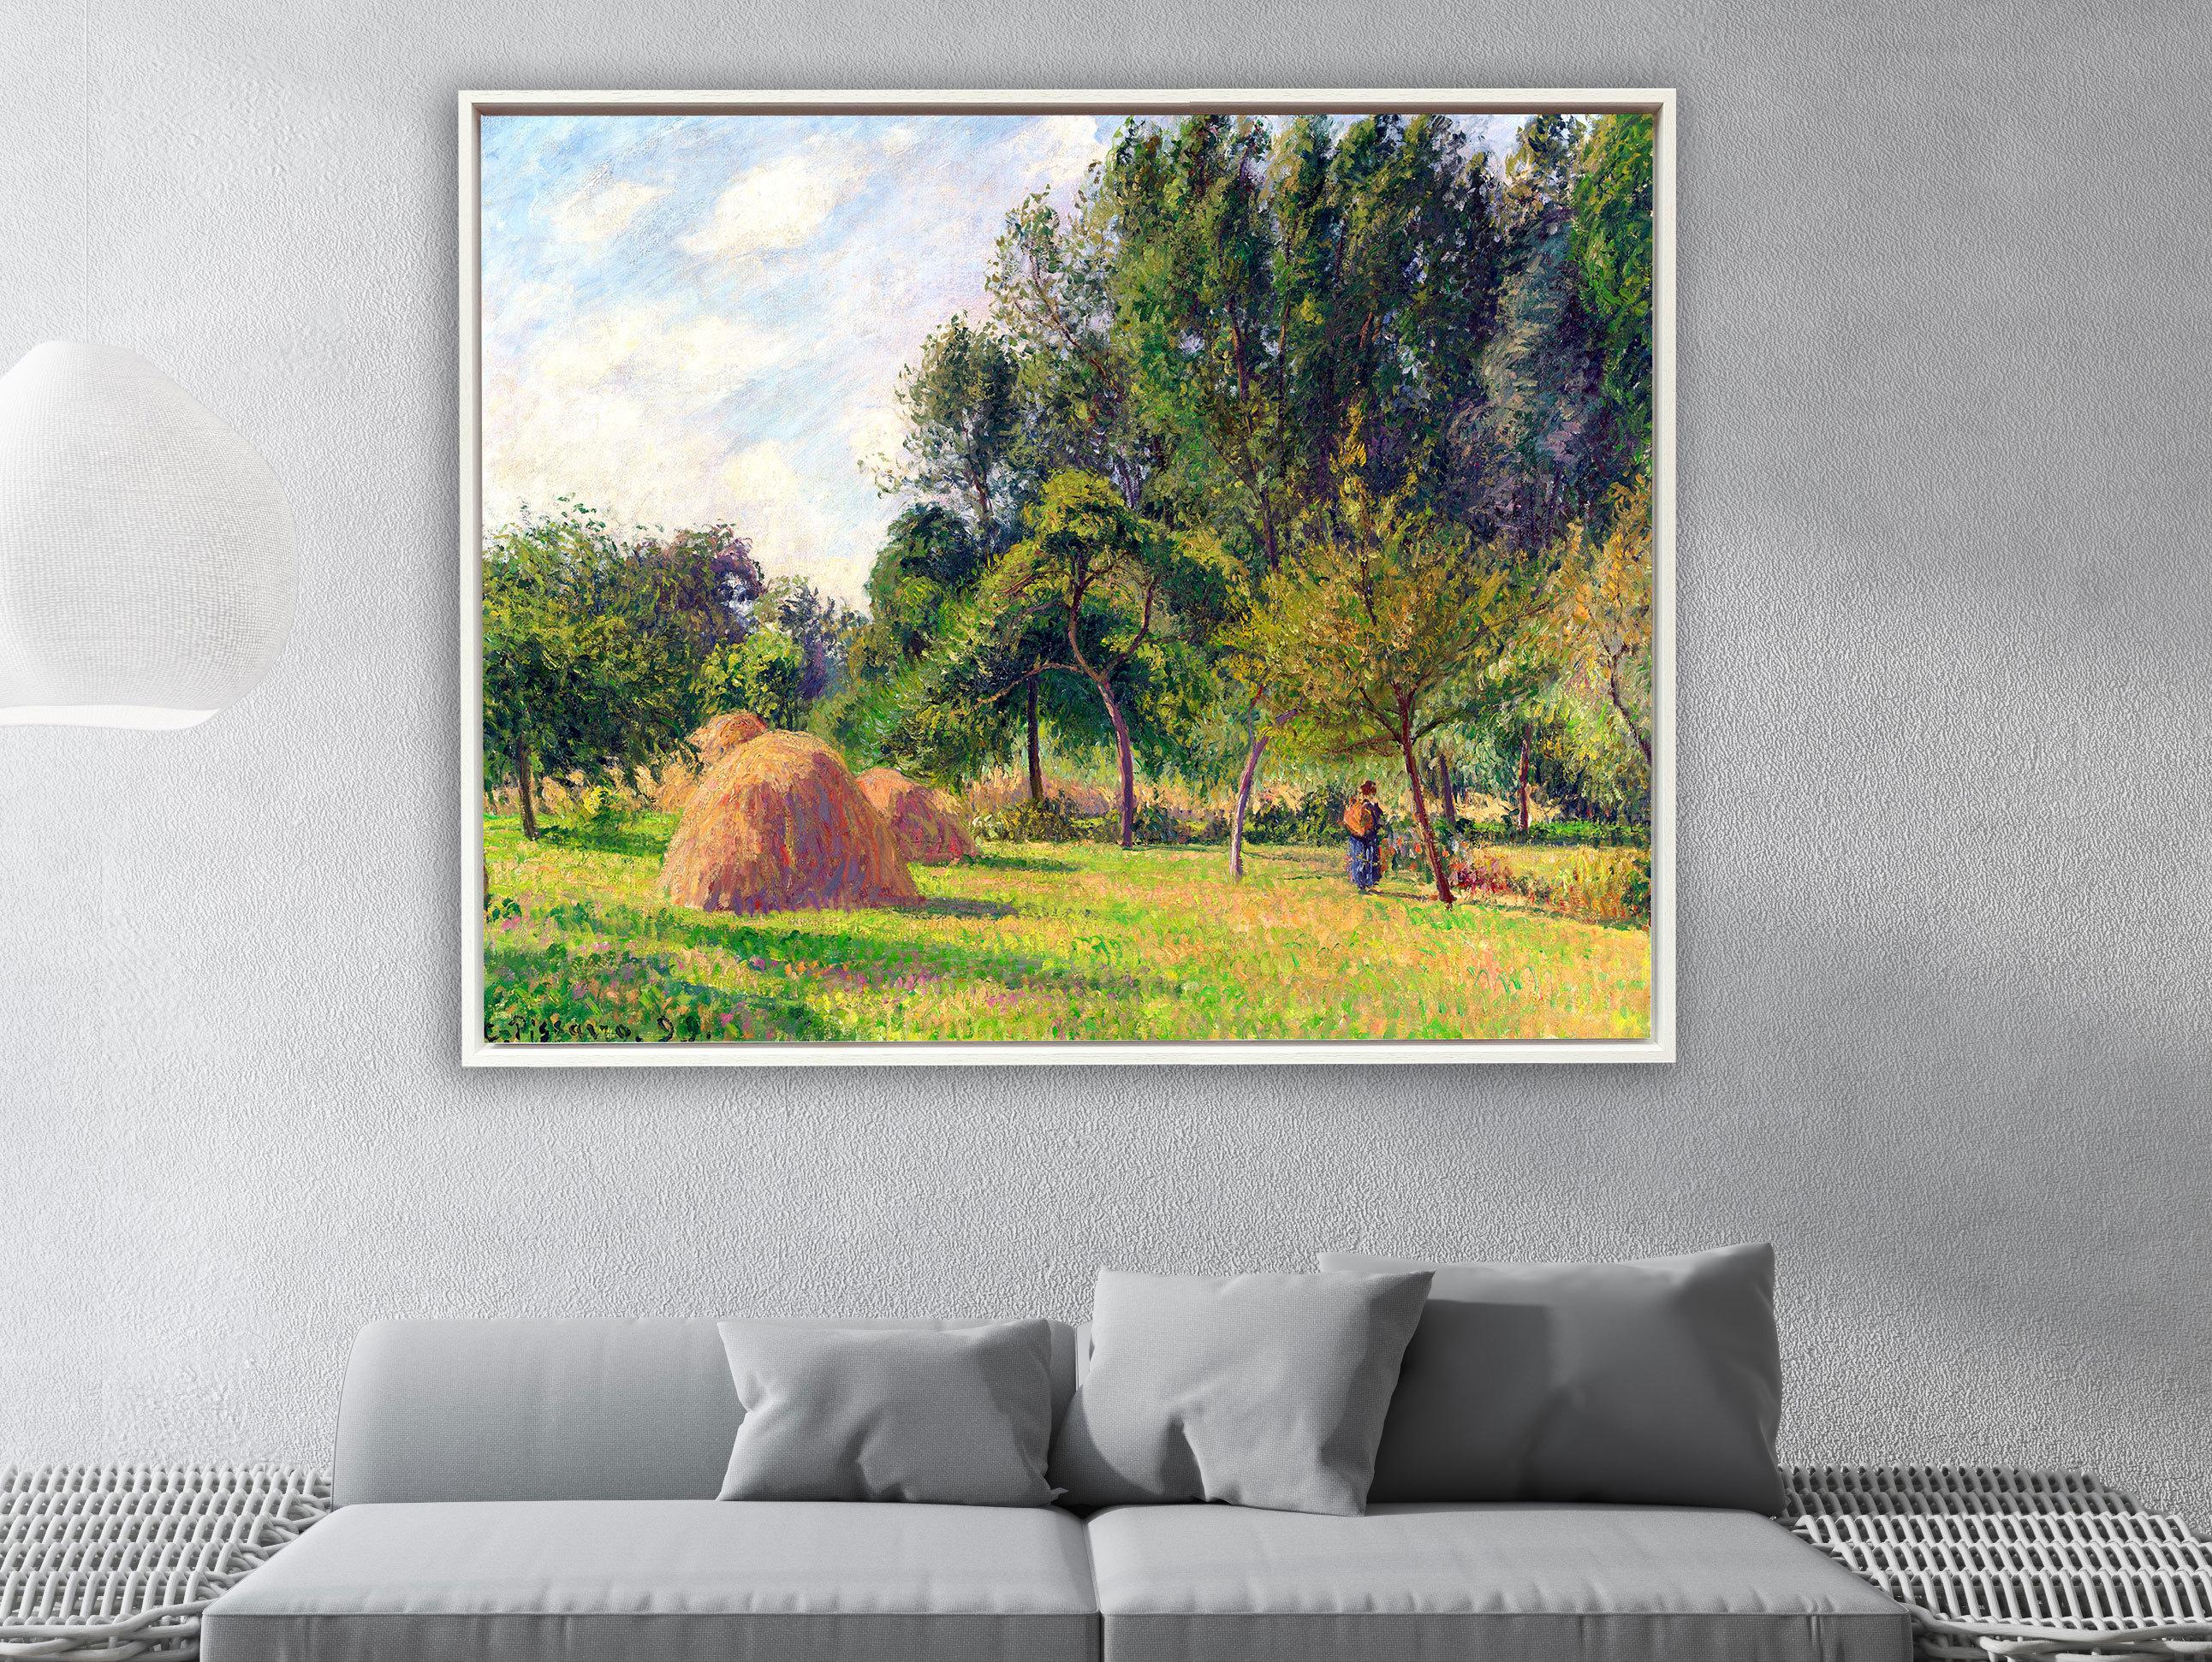 Camille Pissarro - Heuhaufen am Morgen Eragny in Frankreich, Schattenfugenrahmen weiß